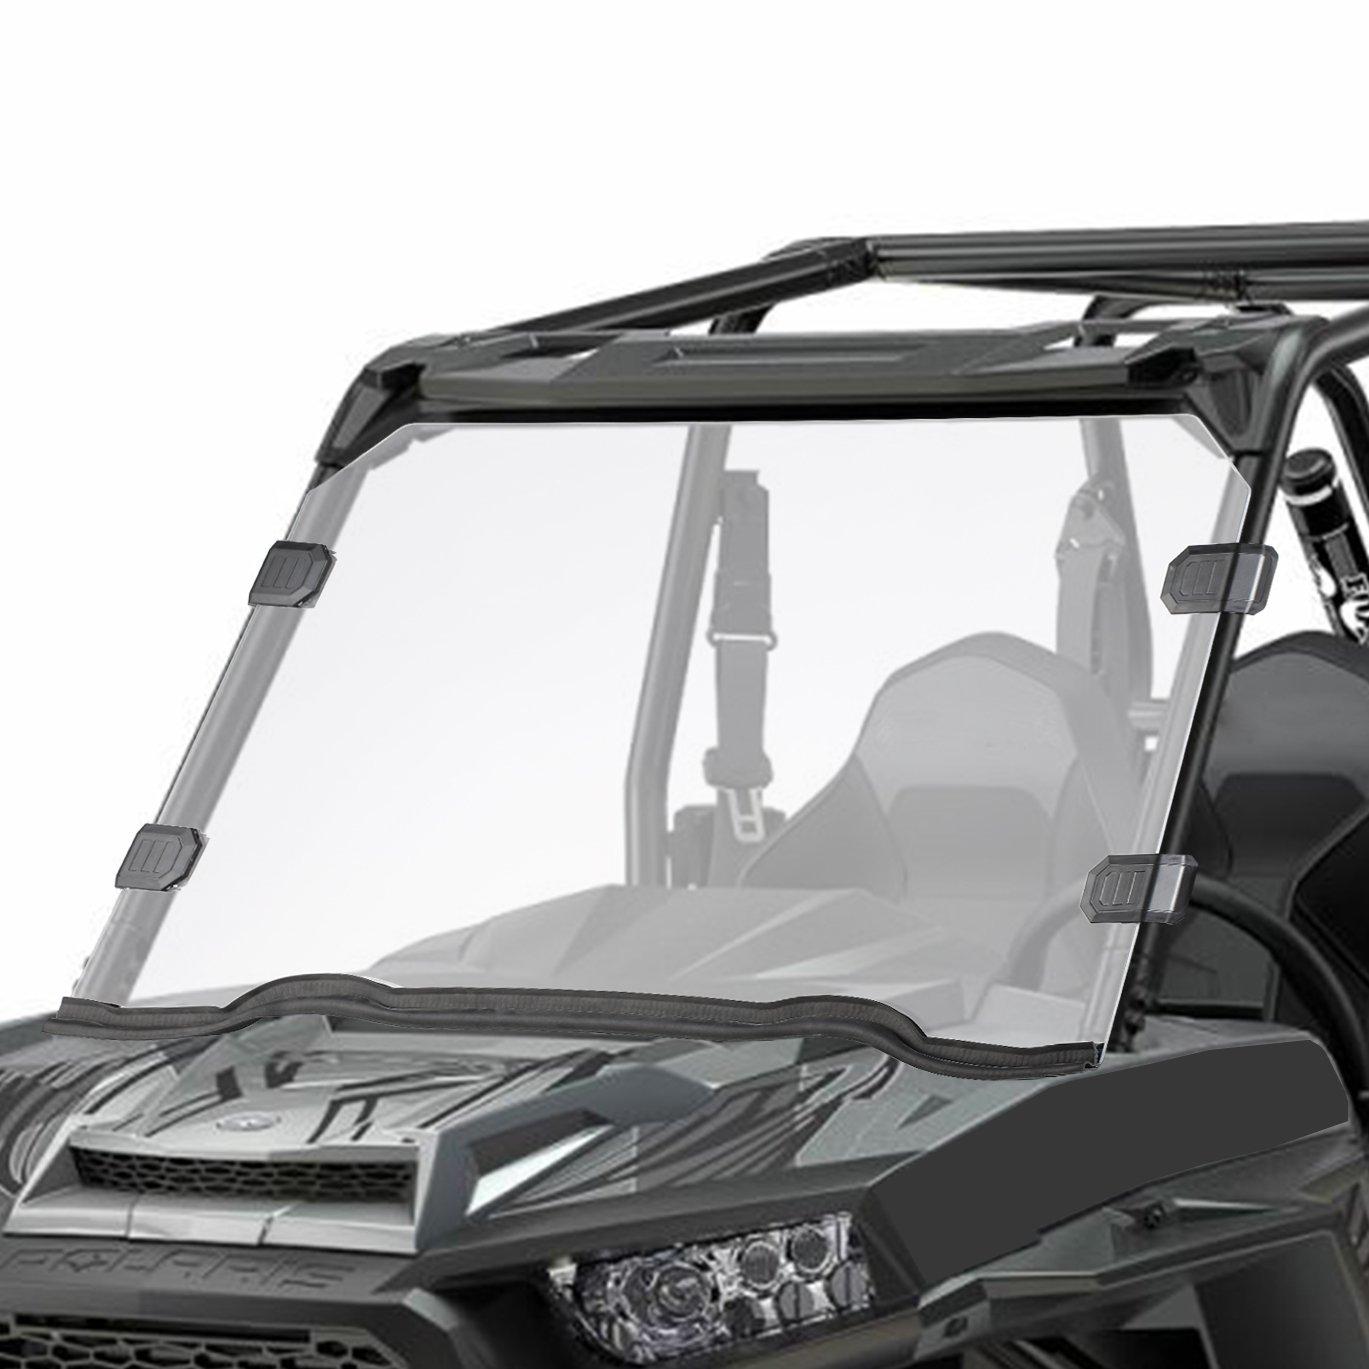 Polaris Razor UTV Full Windshield for 15-18 RZR 900, 15-18 RZR 4 900, 15-18 RZR S 900, 15-18 RZR XC 900, 14-18 RZR 1000, 16-18 RZR S 1000, 16-18 RZR XP Turbo, 14-18 RZR 4 1000 Orion Motor Tech